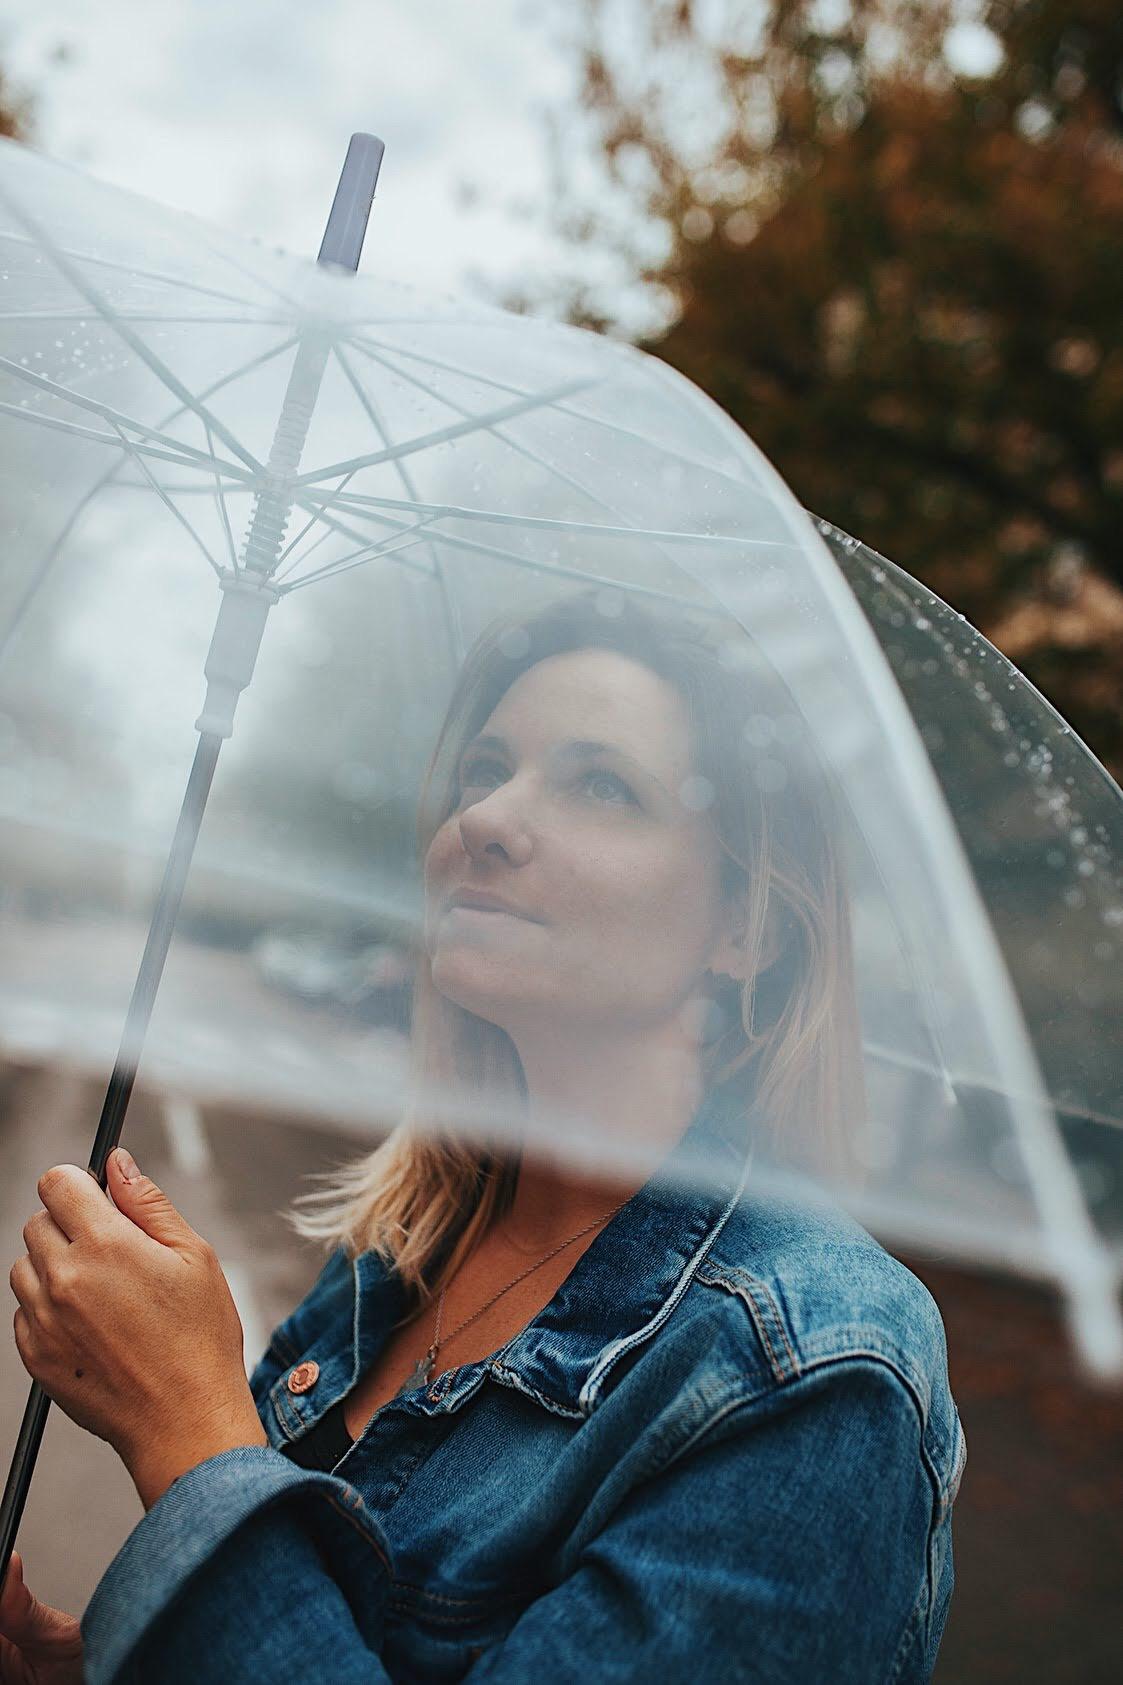 servizio fotografico di ritratto con Laura - sotto la pioggia - fotografia dedicati del tempo Deborah Brugnera